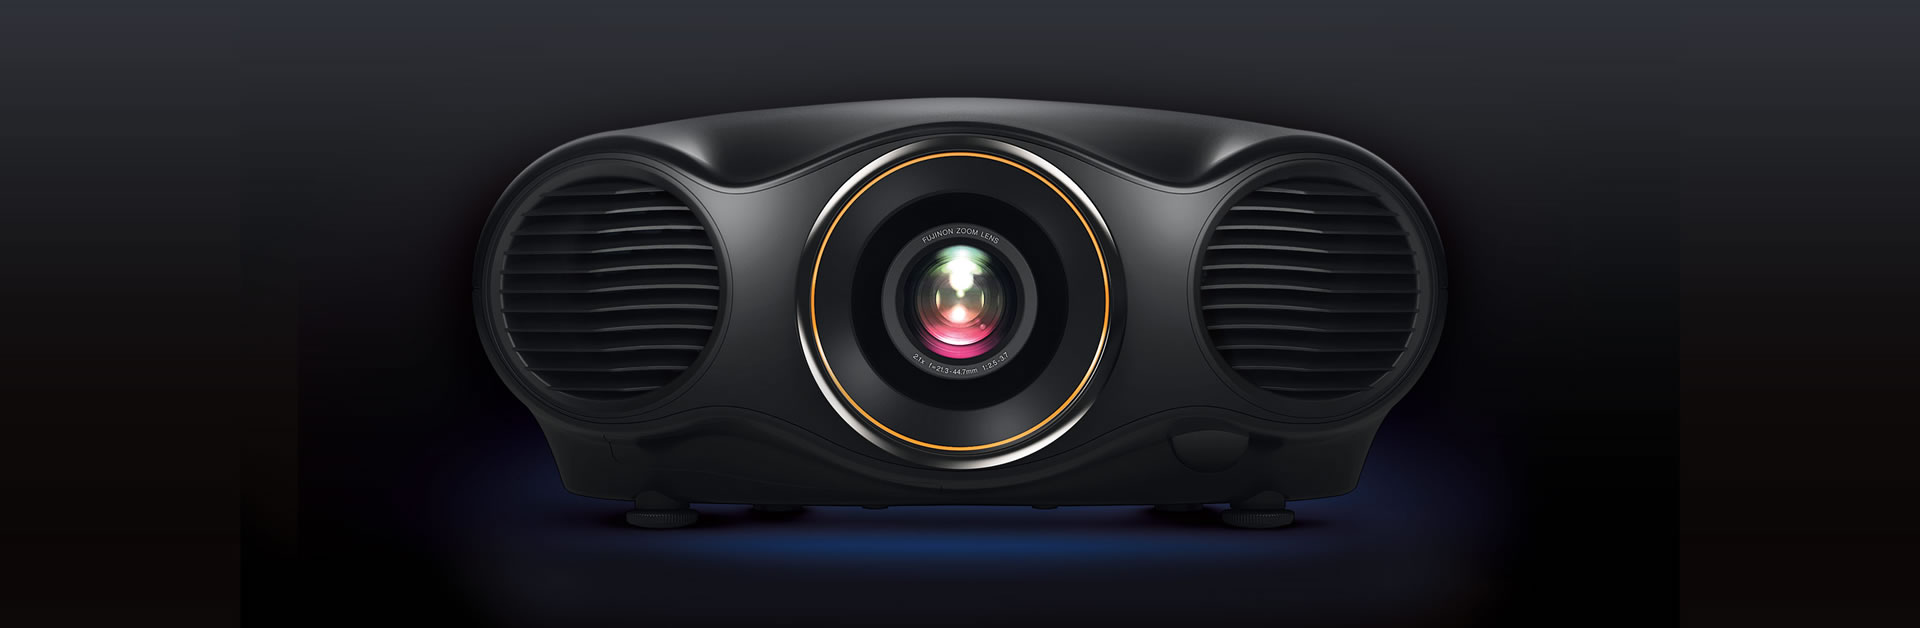 Epson Predstavio Nove Home Cinema Projektore